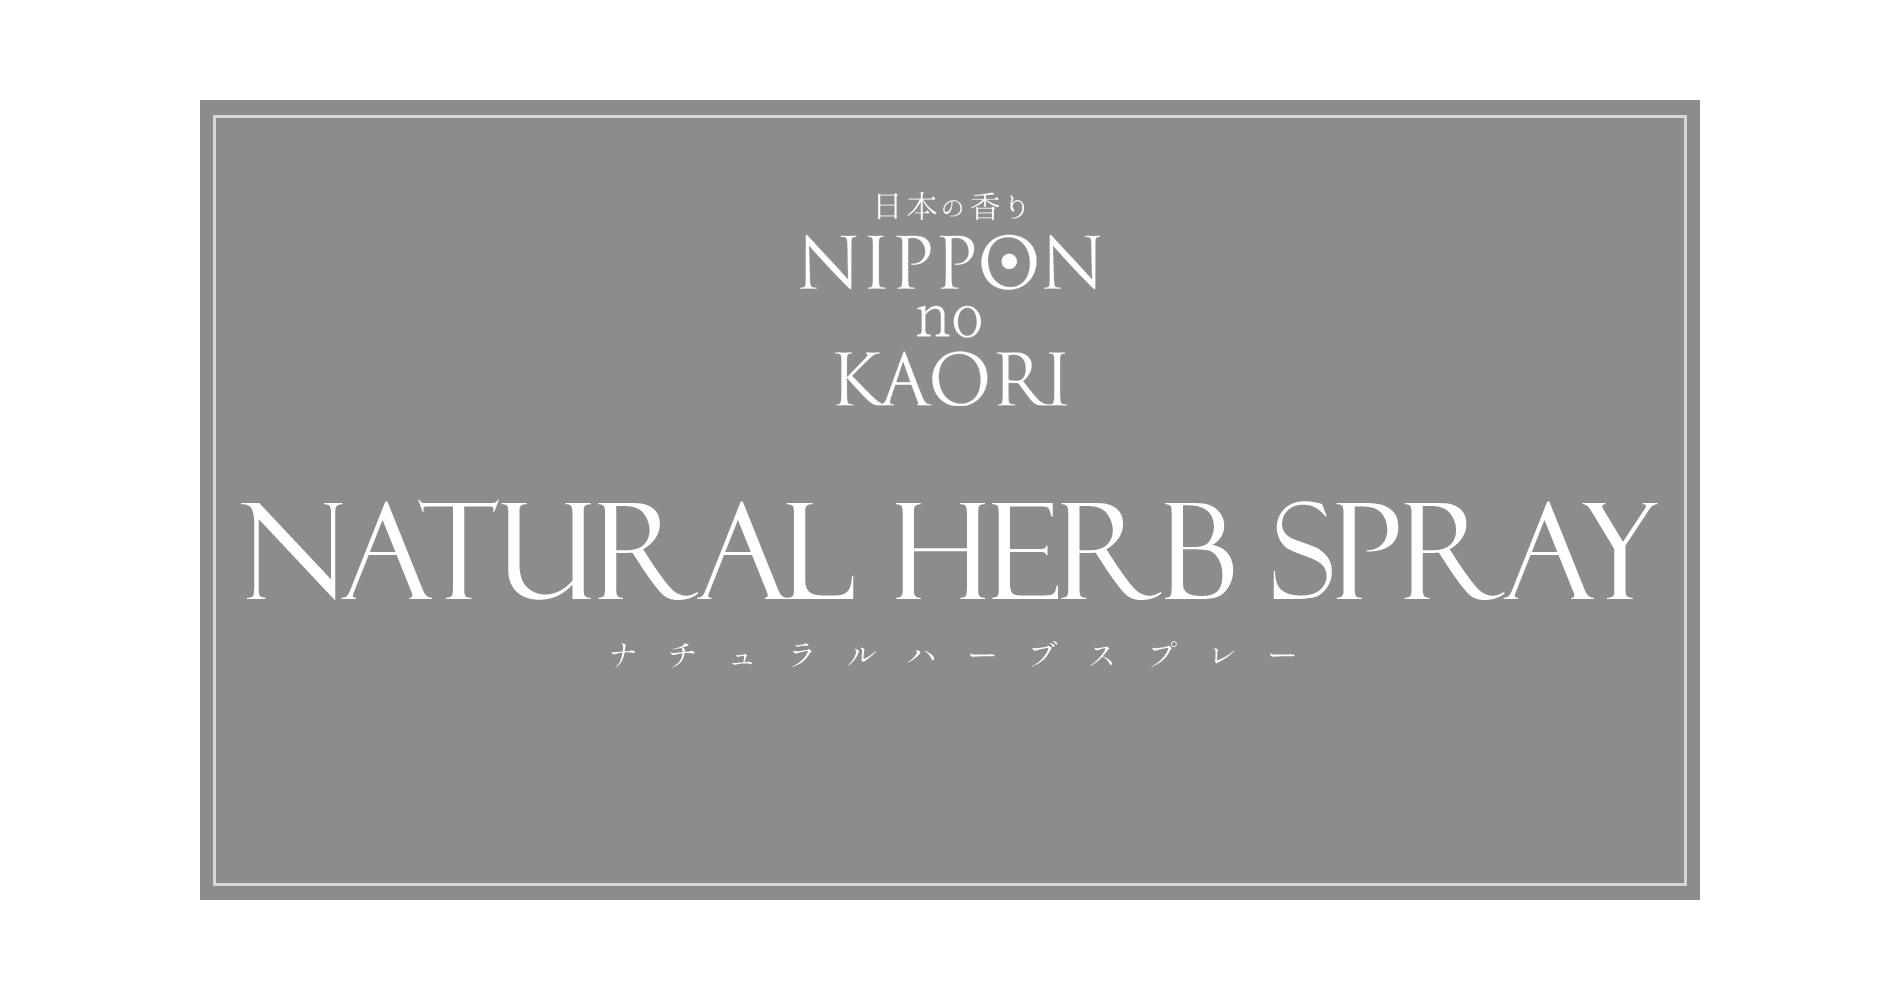 日本の香りシリーズ「ナチュラルハーブスプレー」タイトル画像